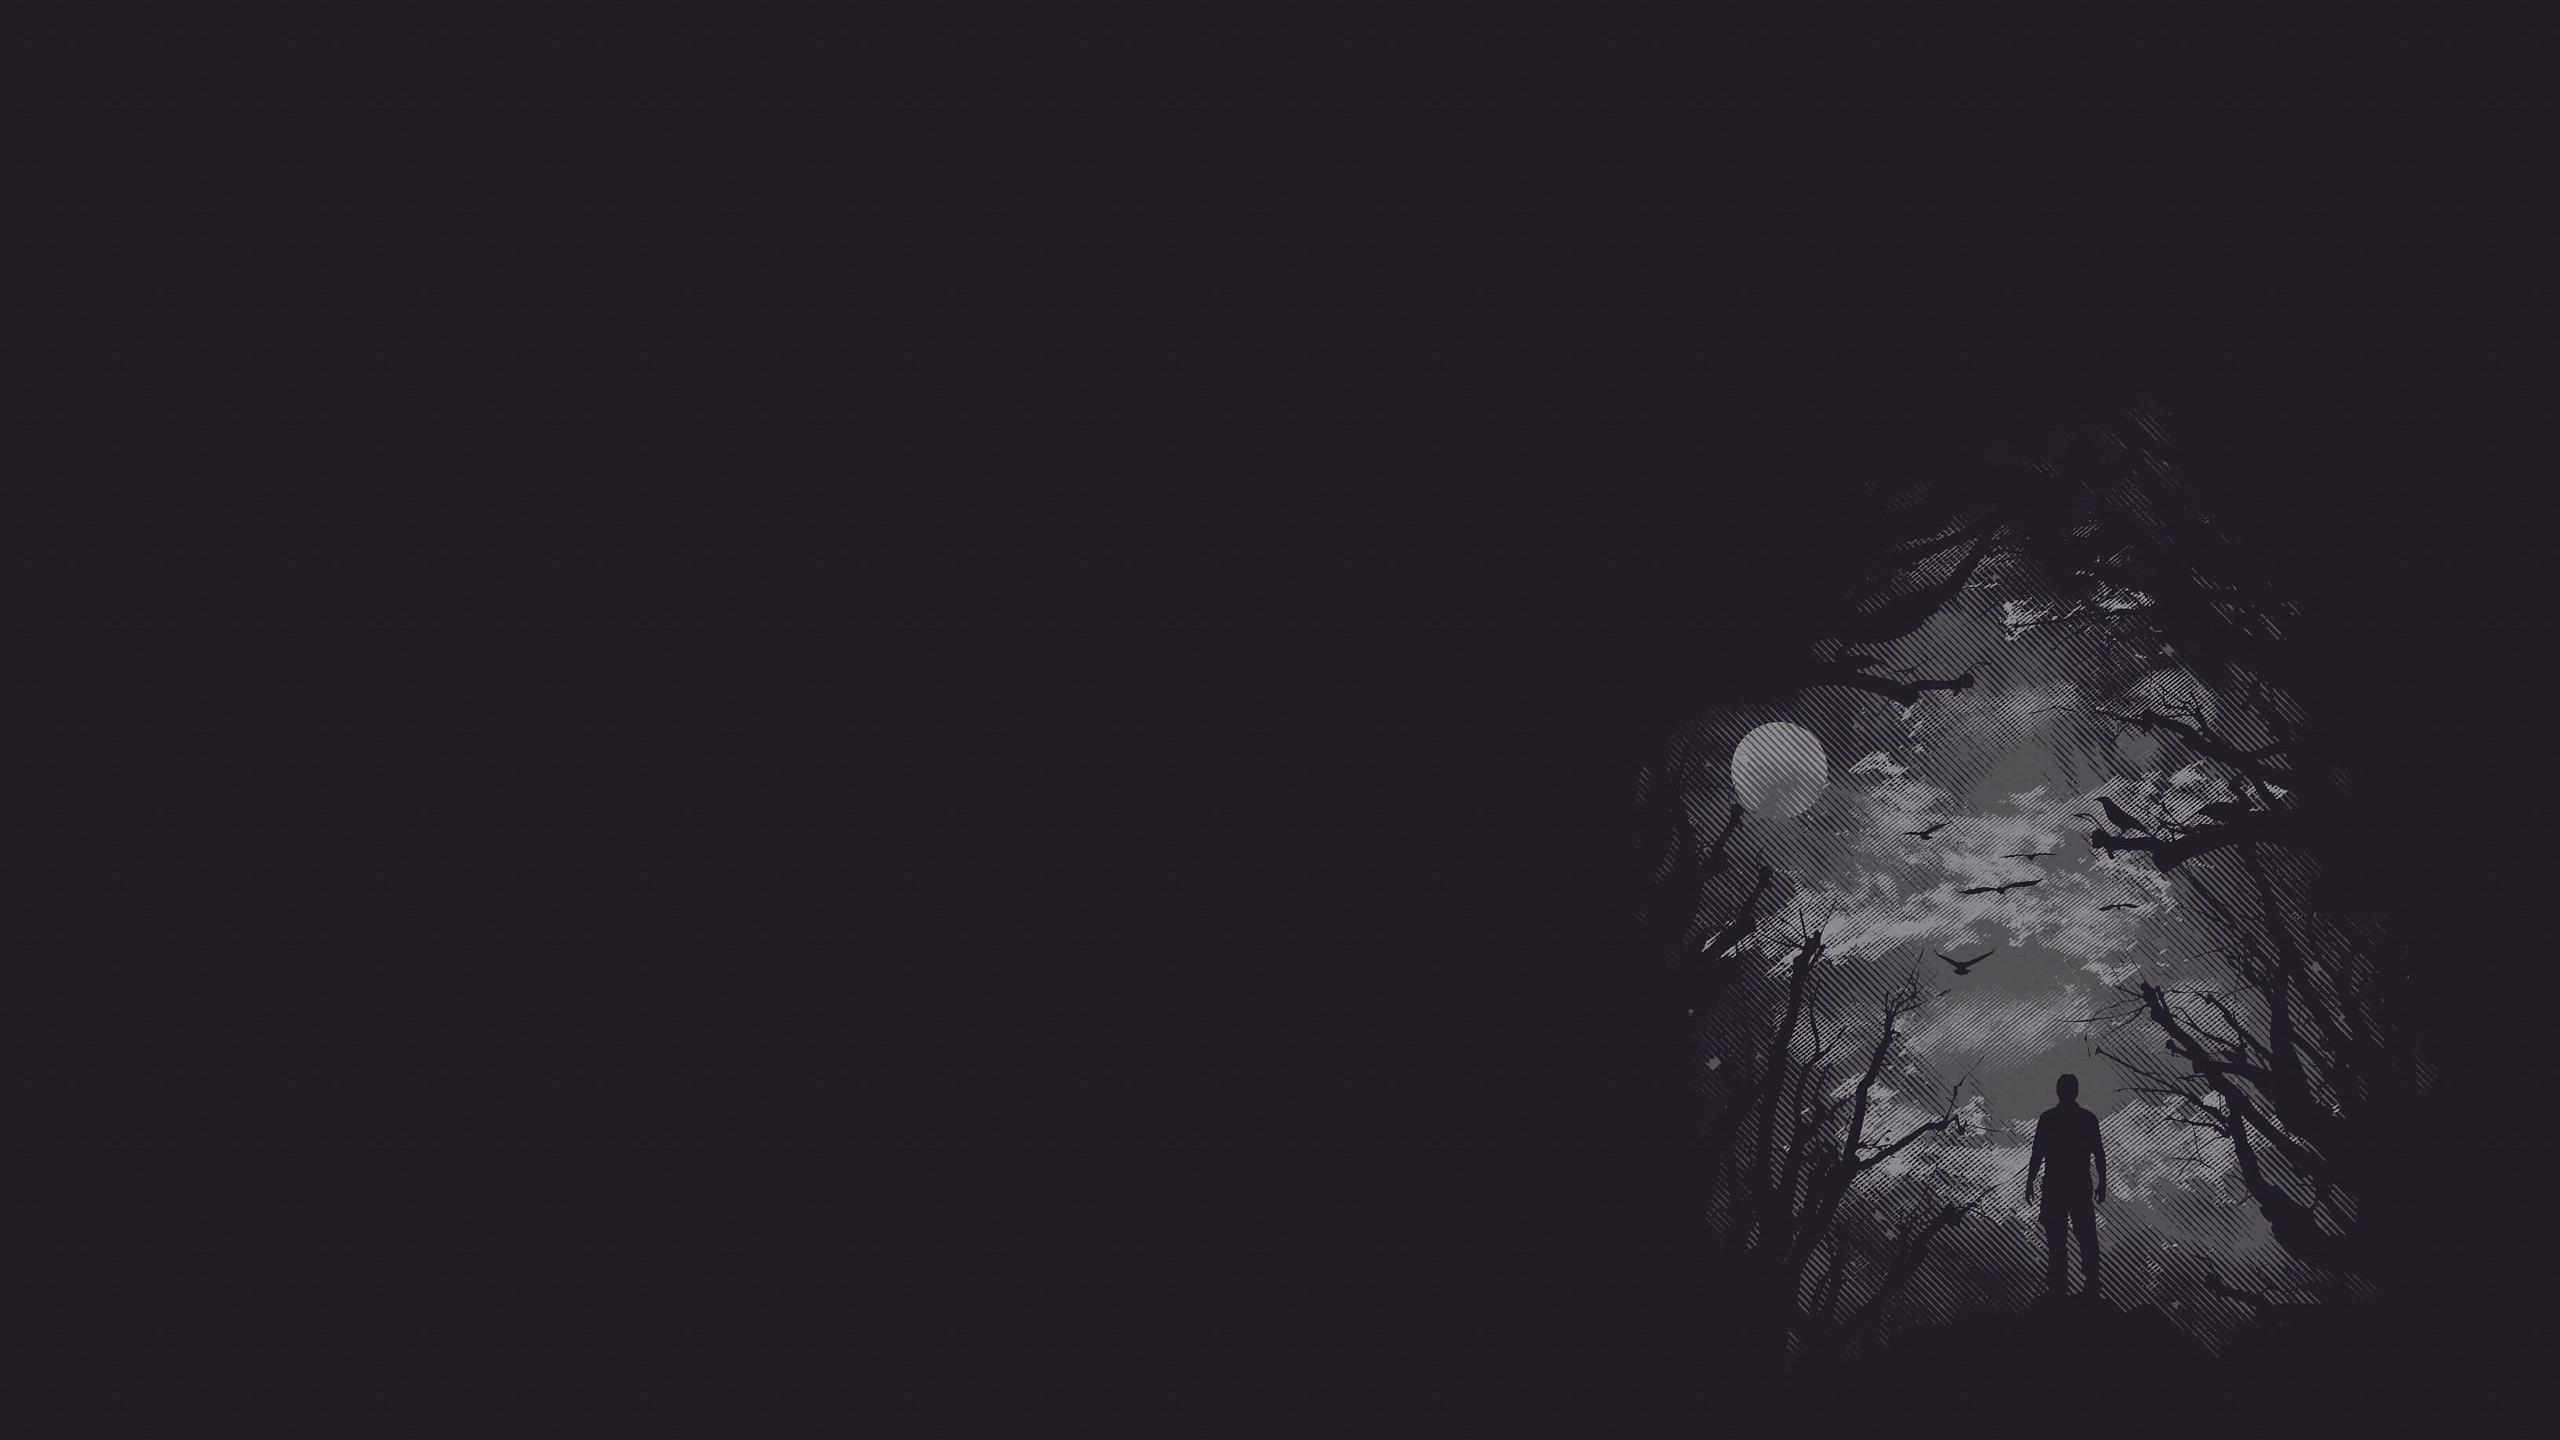 Dark - Night Wallpaper